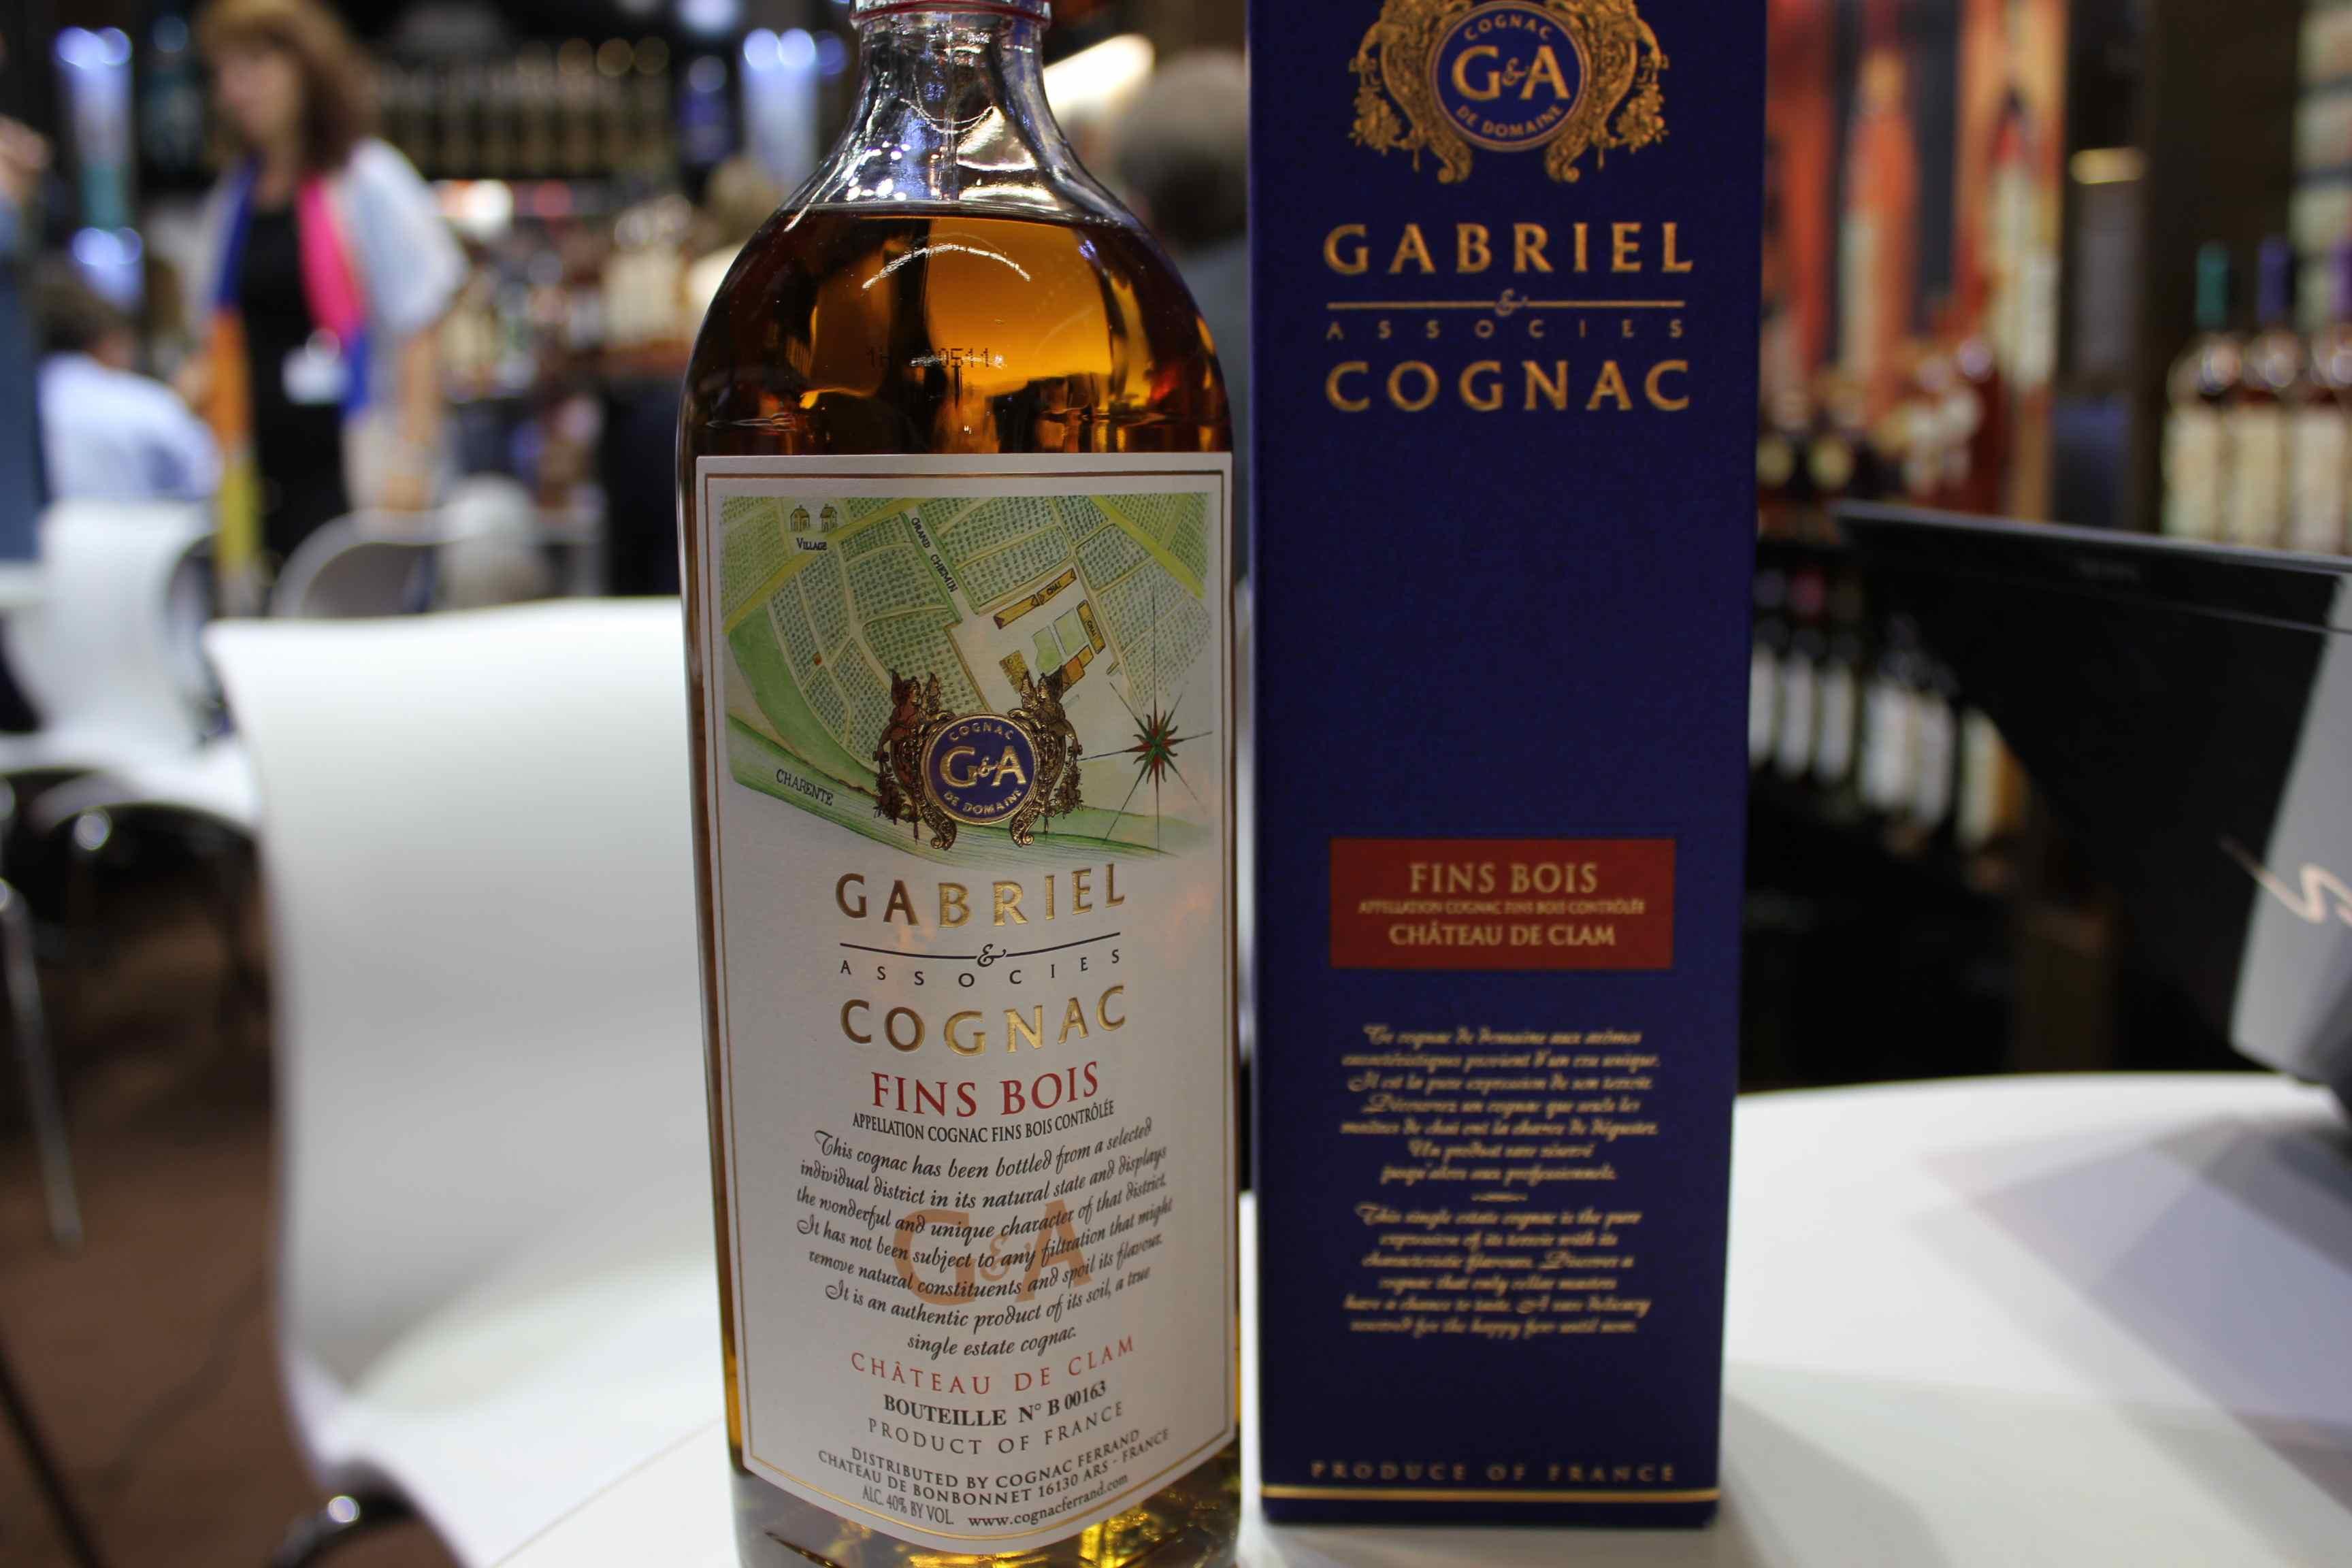 Ferrand's Cognac Gabriel